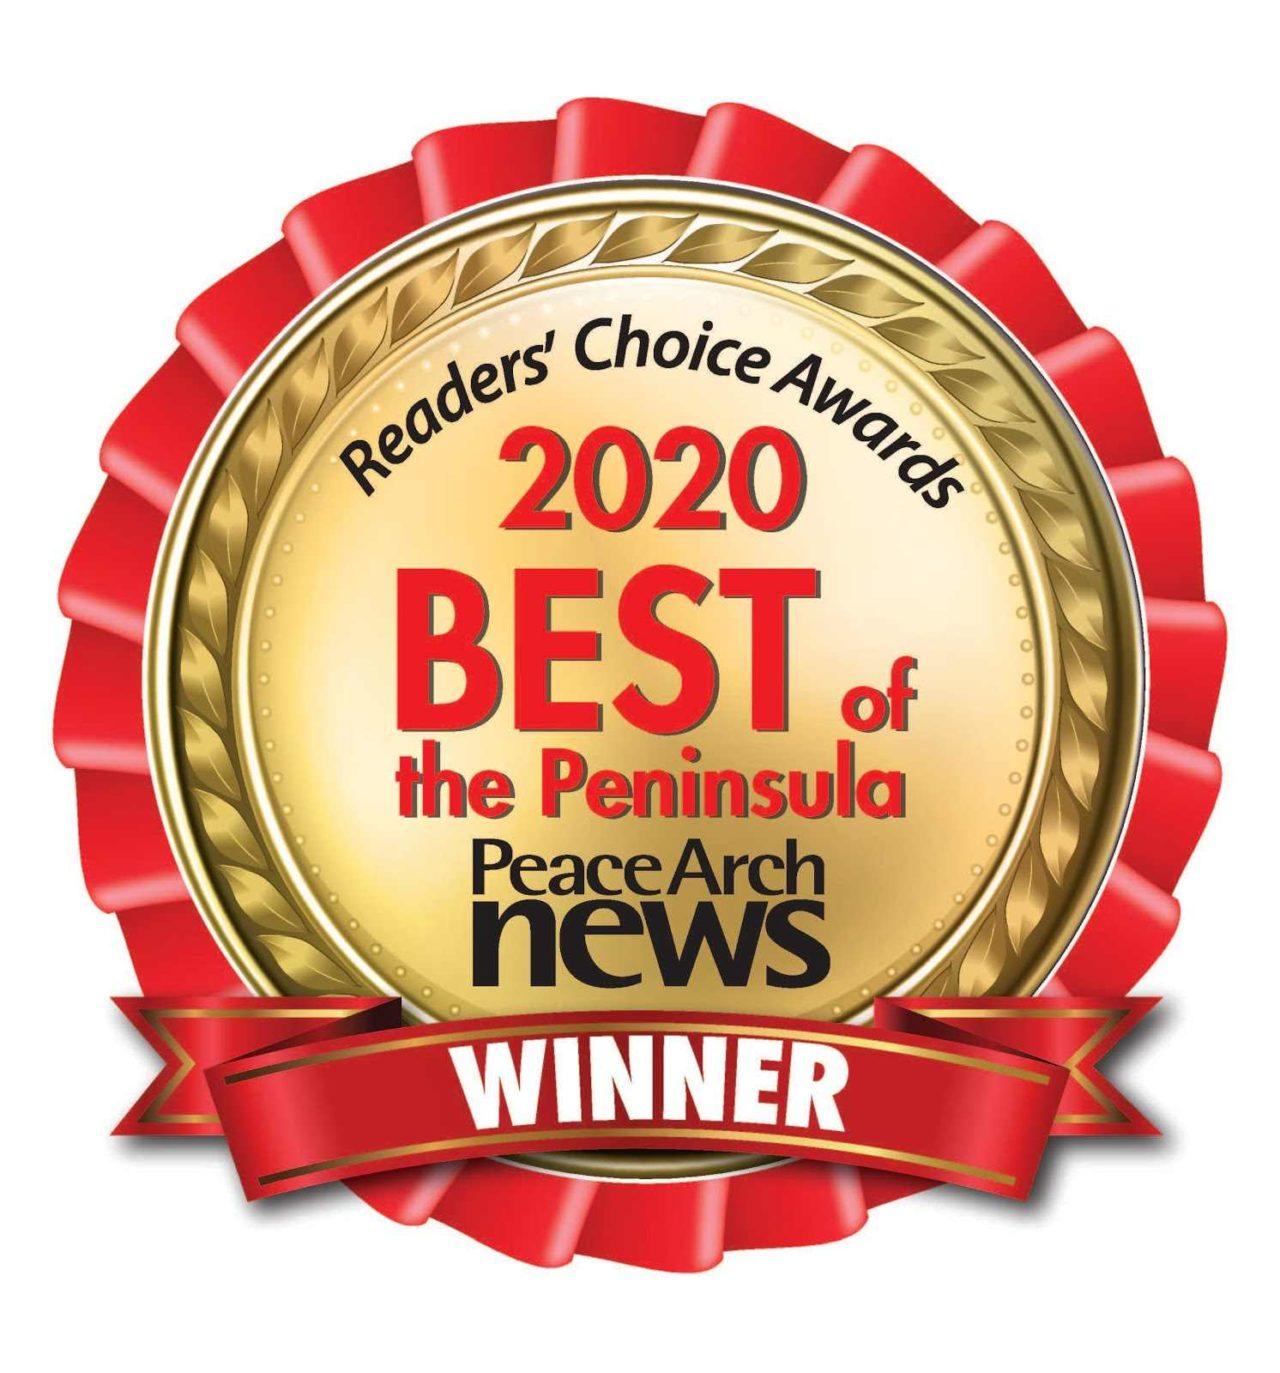 https://mk0johnsadler08vx1k8.kinstacdn.com/wp-content/uploads/2020/11/Winner-Medallion-for-blog-1280x1373.jpg